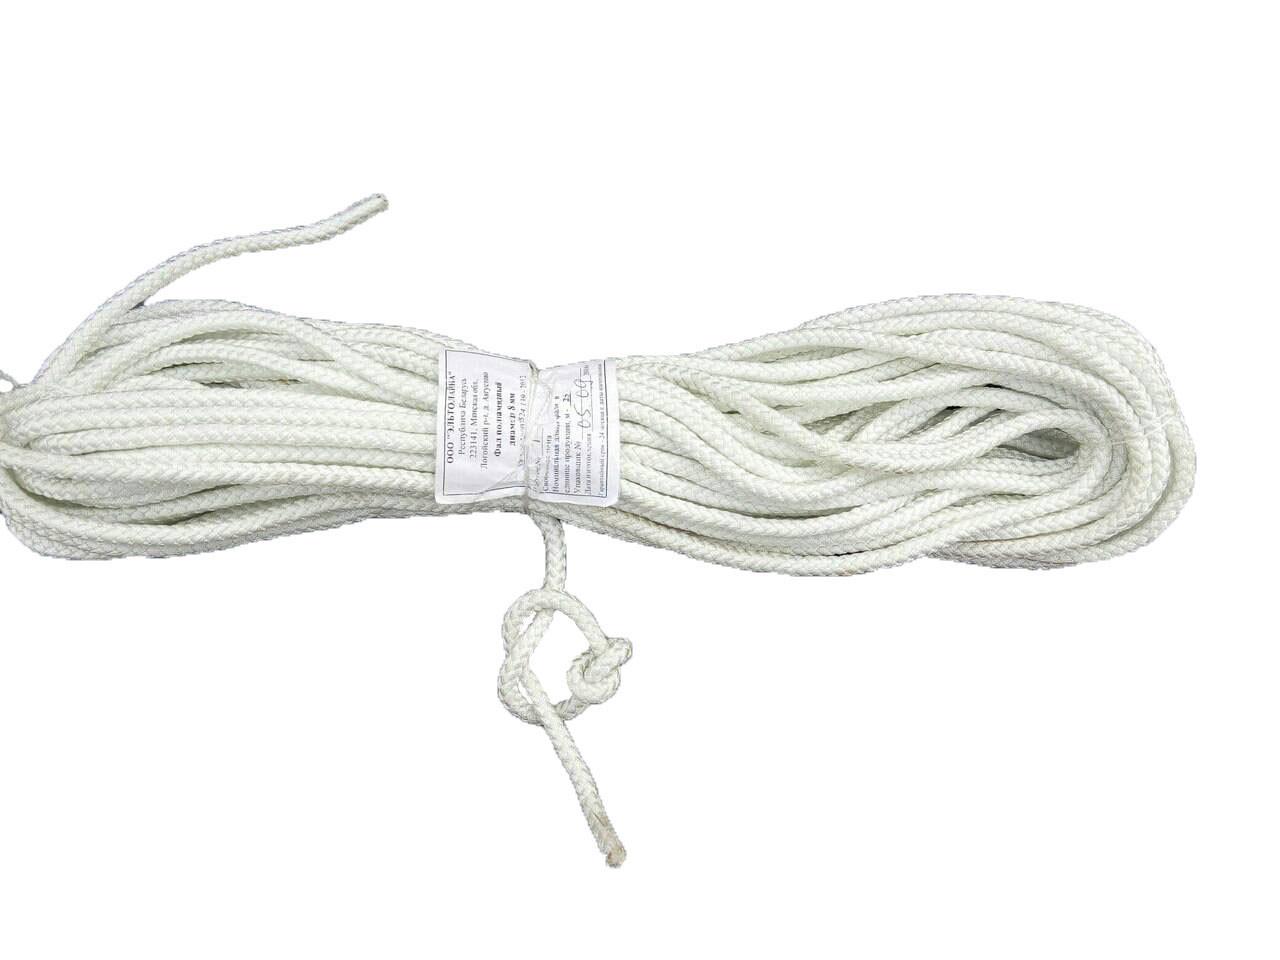 Веревка, шнур,фал для якоря,магнита вейкборда, лыж, длина 25 м. D 10 мм